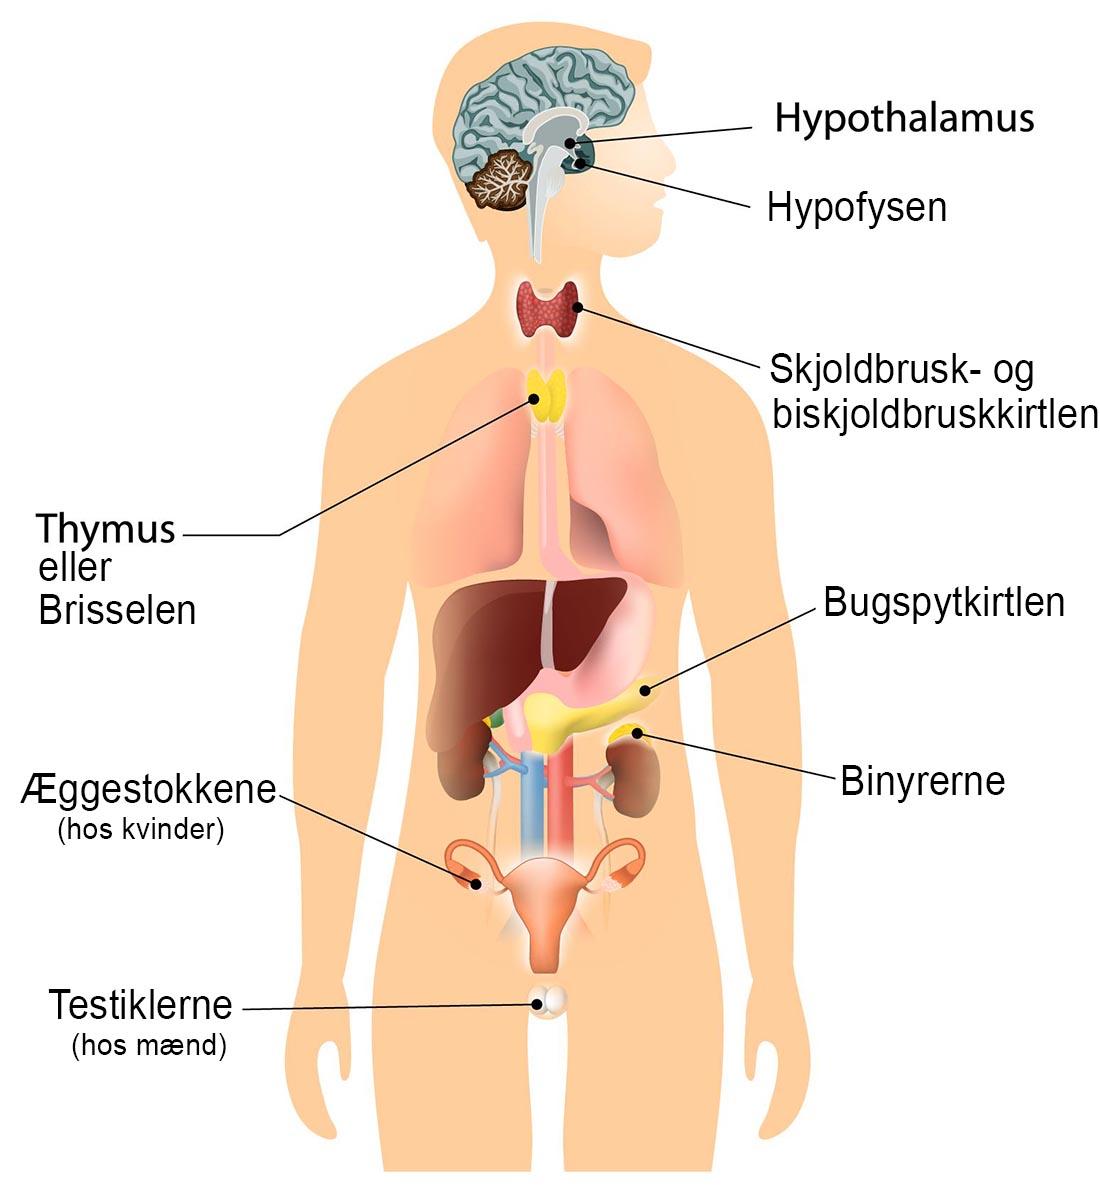 Endokrine kirtler hvor celler producerer hormoner